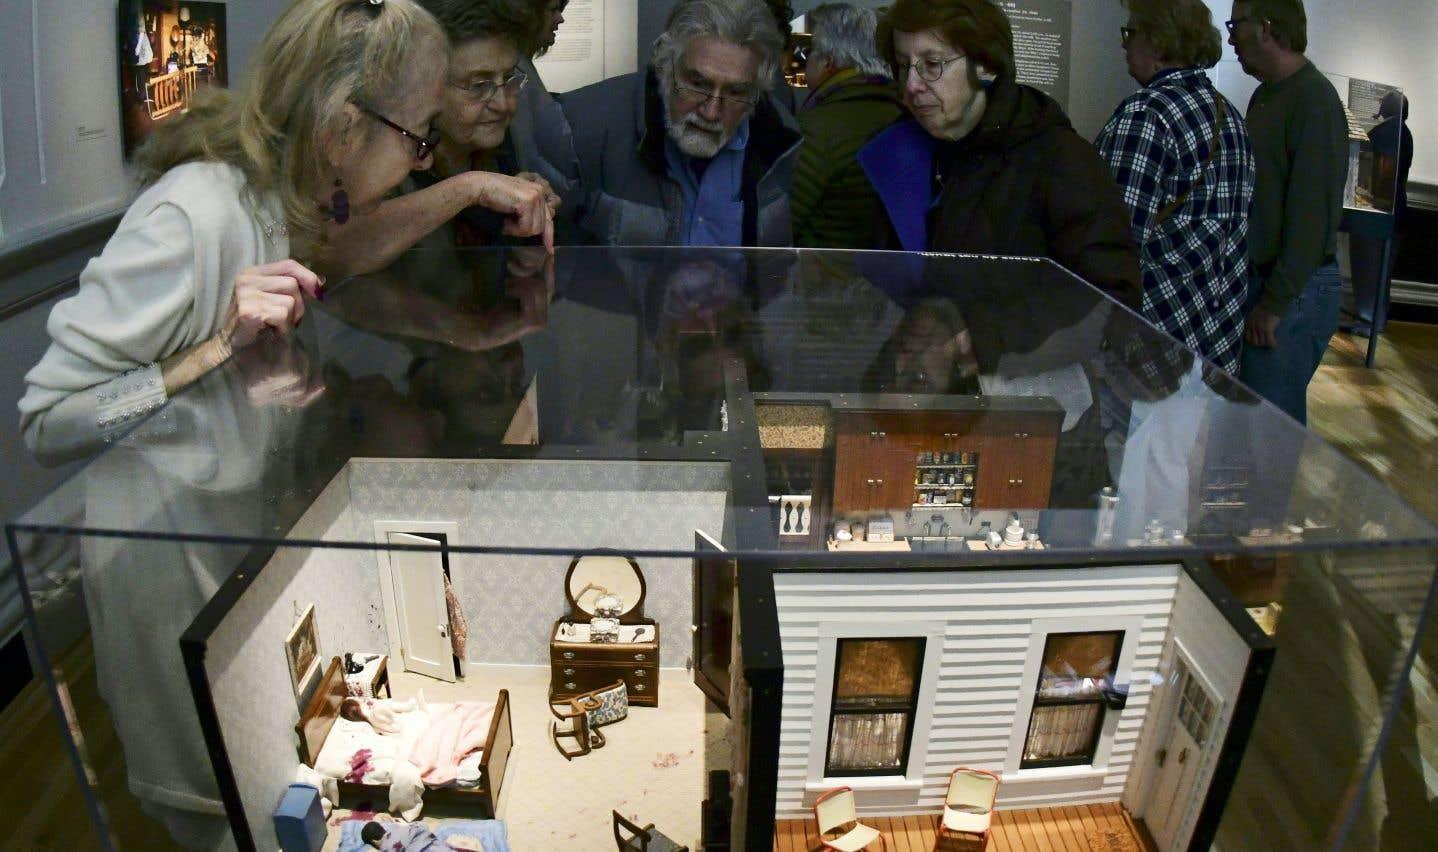 Créées dans les années 1940 et 1950, ces miniatures, que l'on inspecte à l'aide d'une lampe torche, servent toujours à former les limiers de la police scientifique de Baltimore.